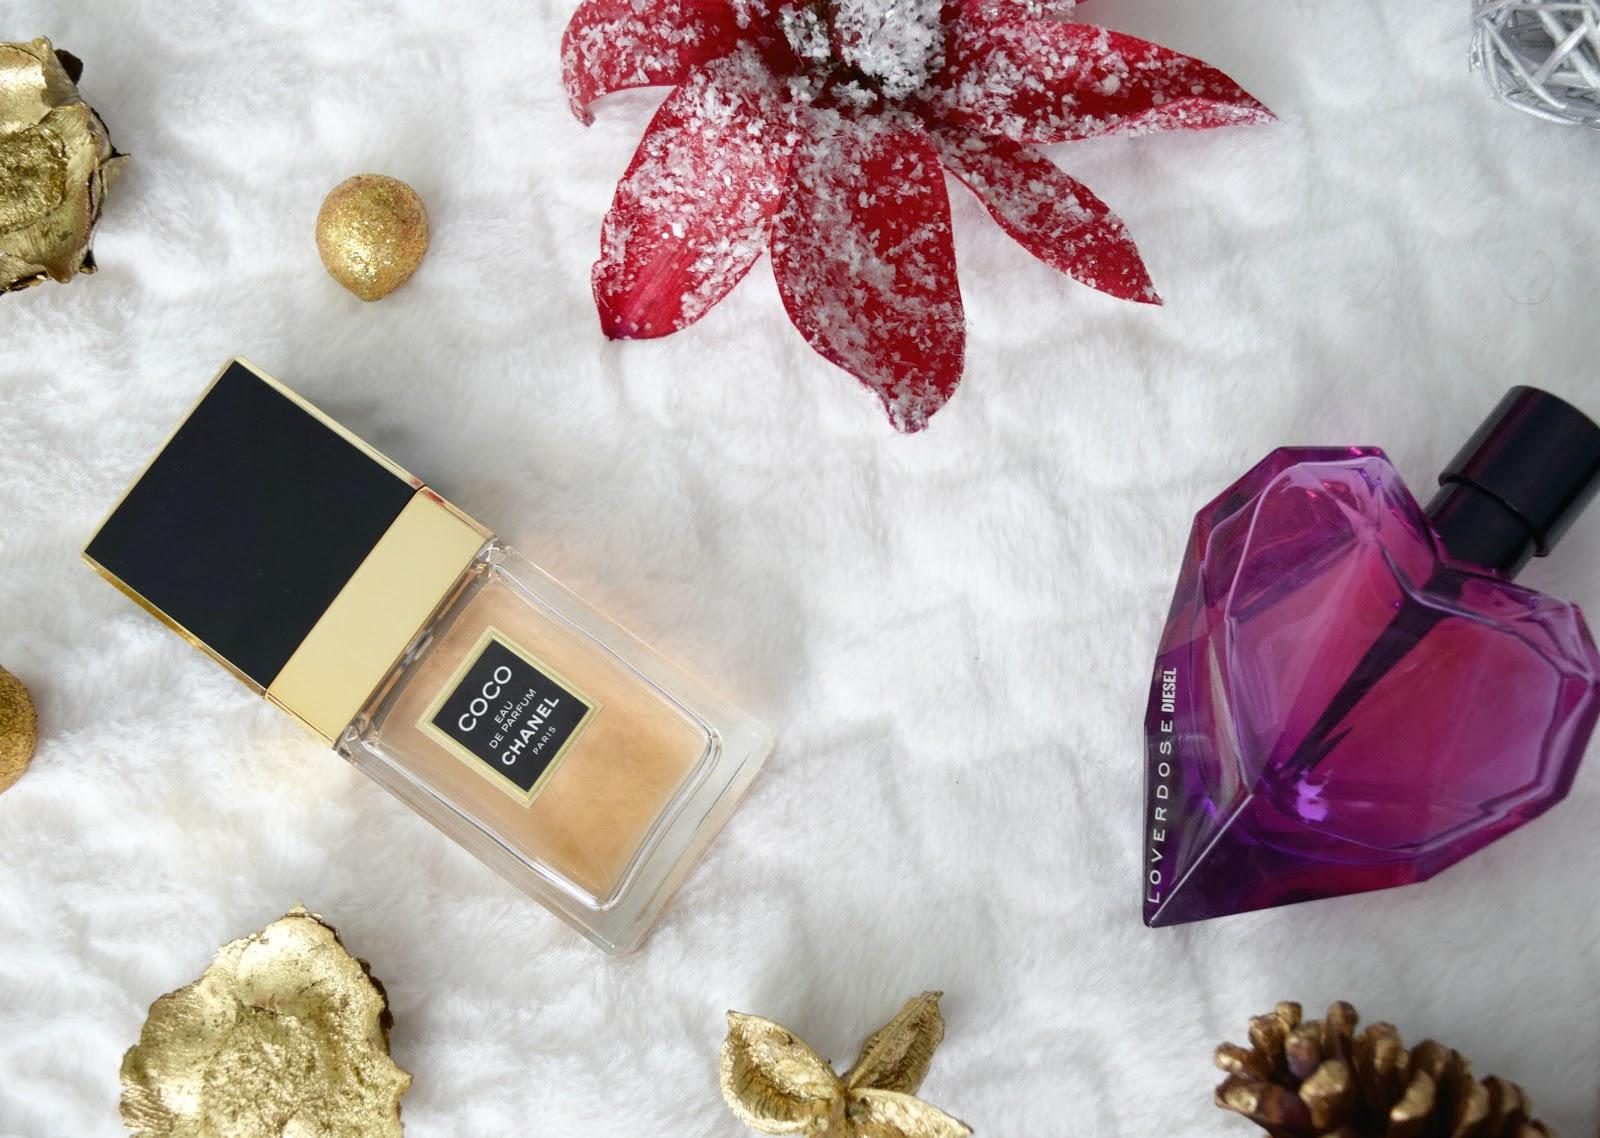 Diesel Loverdose Perfume